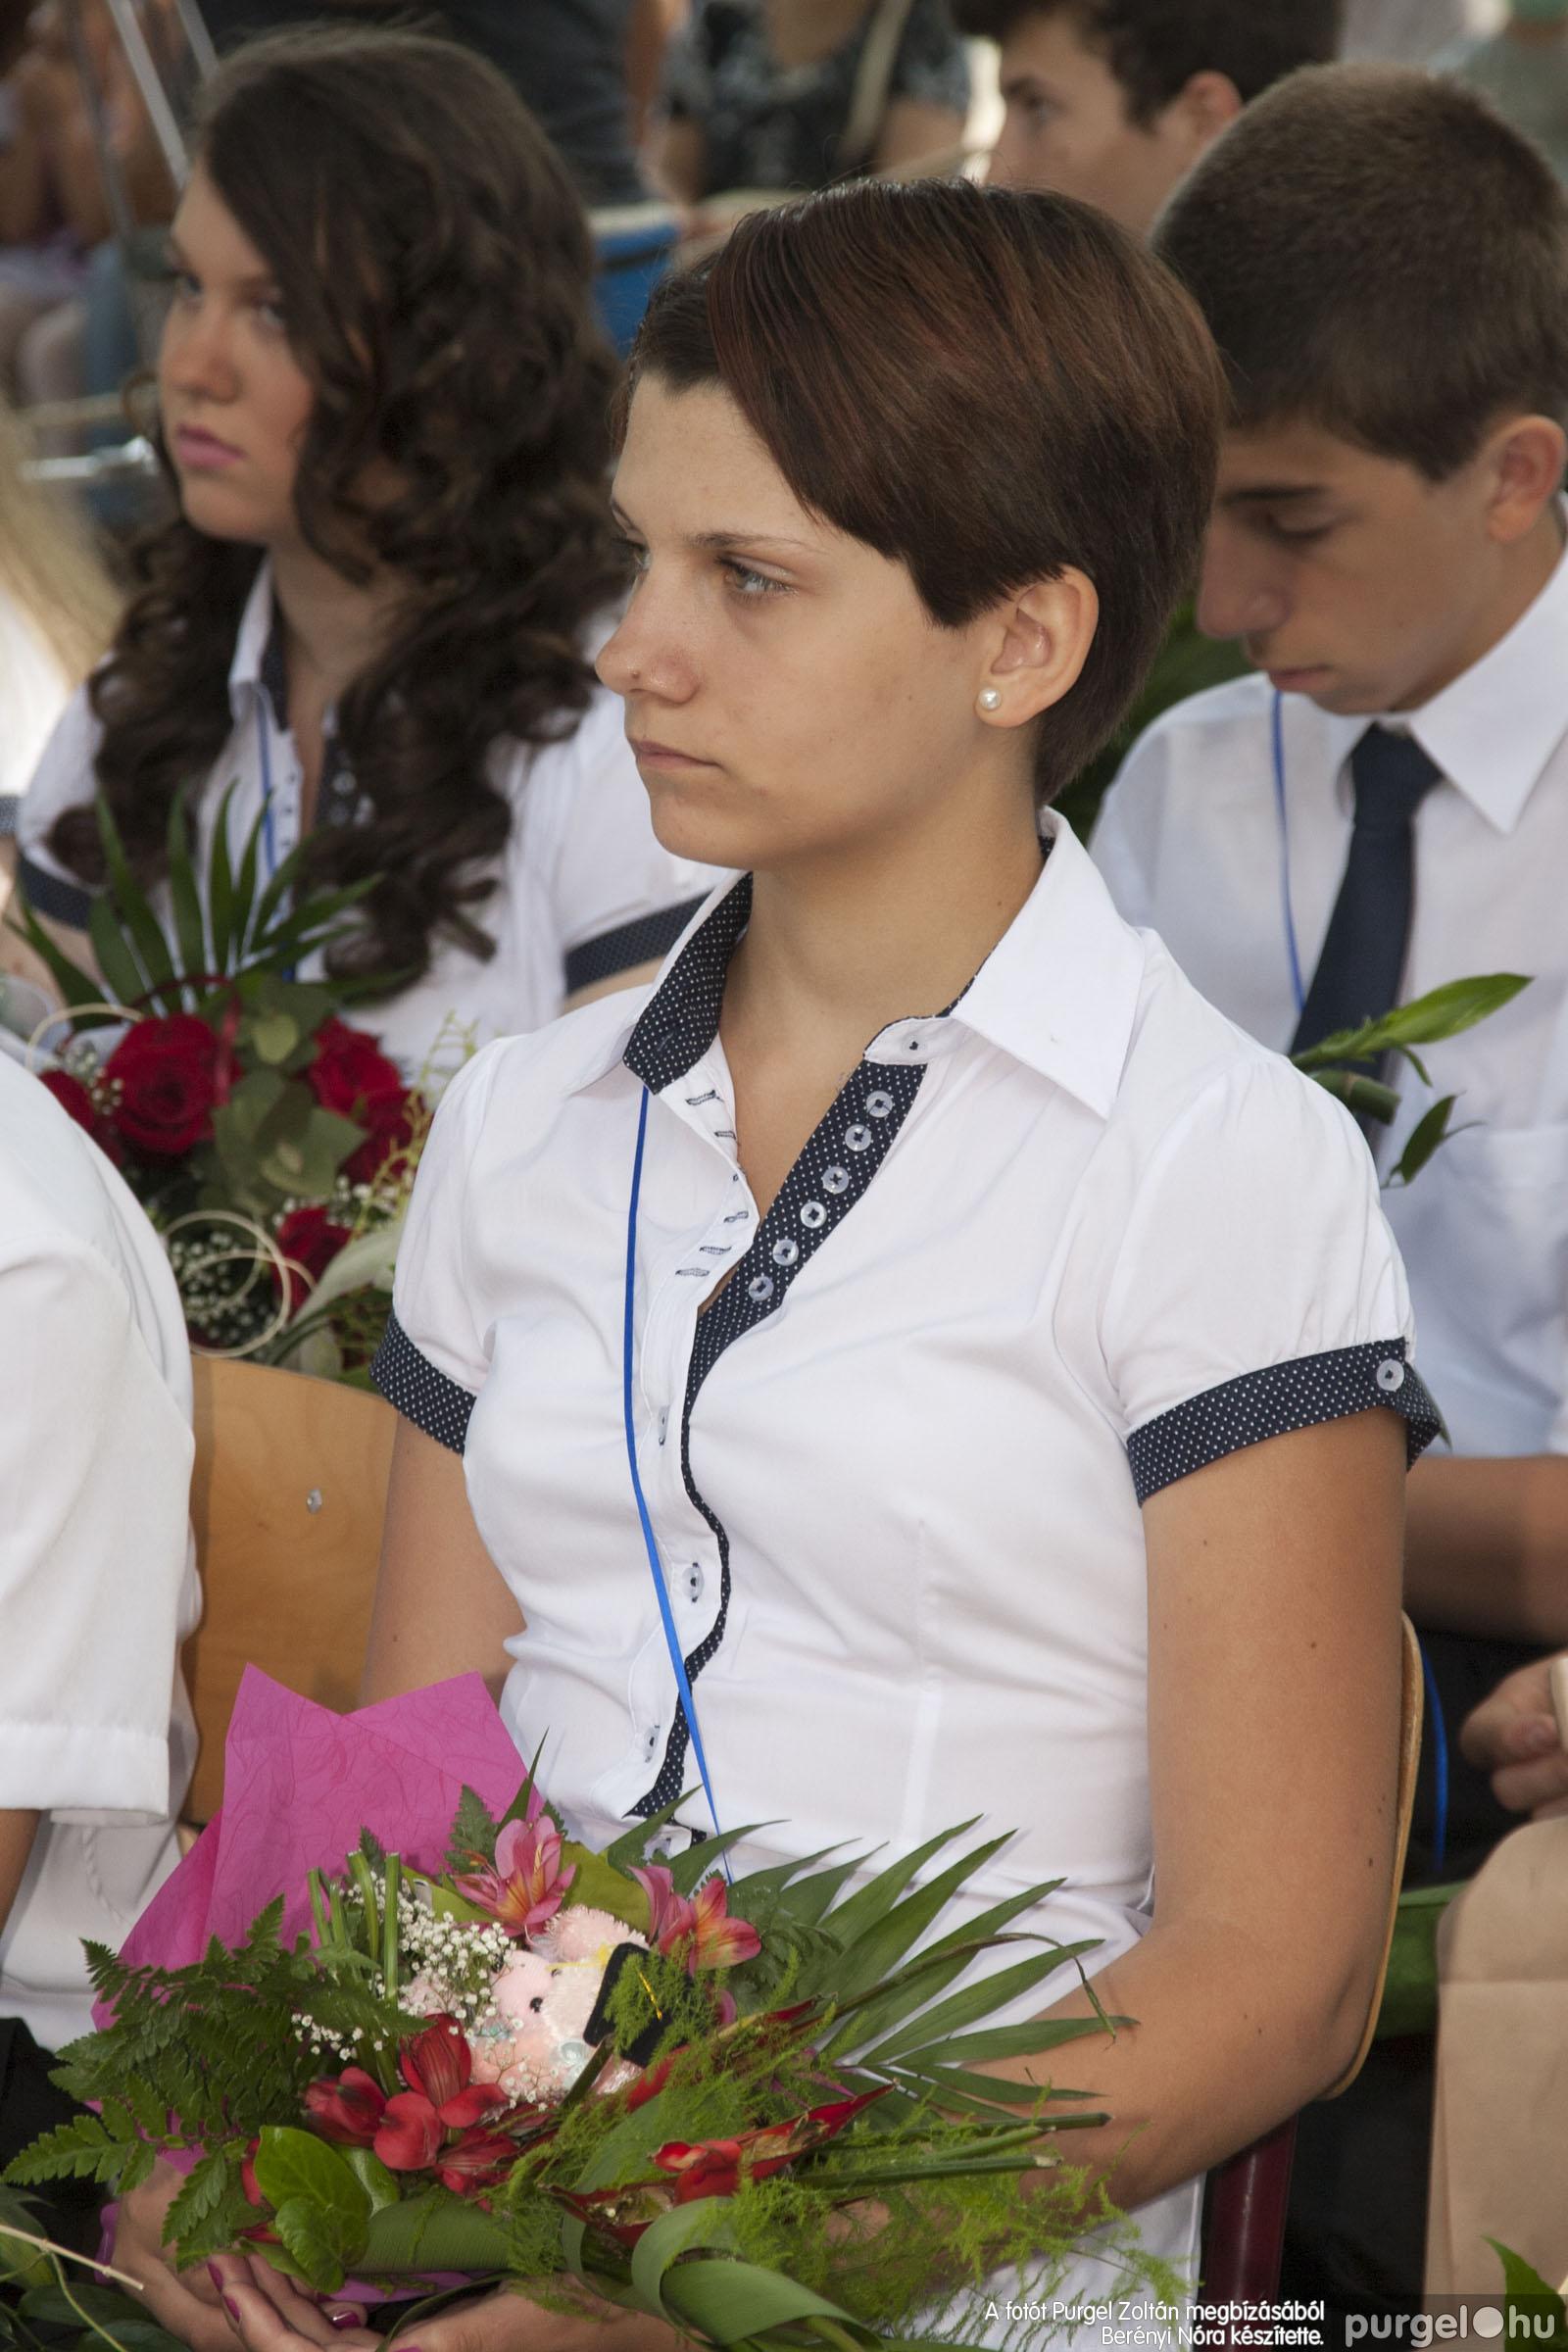 2014.06.14. 167 Forray Máté Általános Iskola ballagás 2014. - Fotó:BERÉNYI NÓRA© _MG_5783.jpg